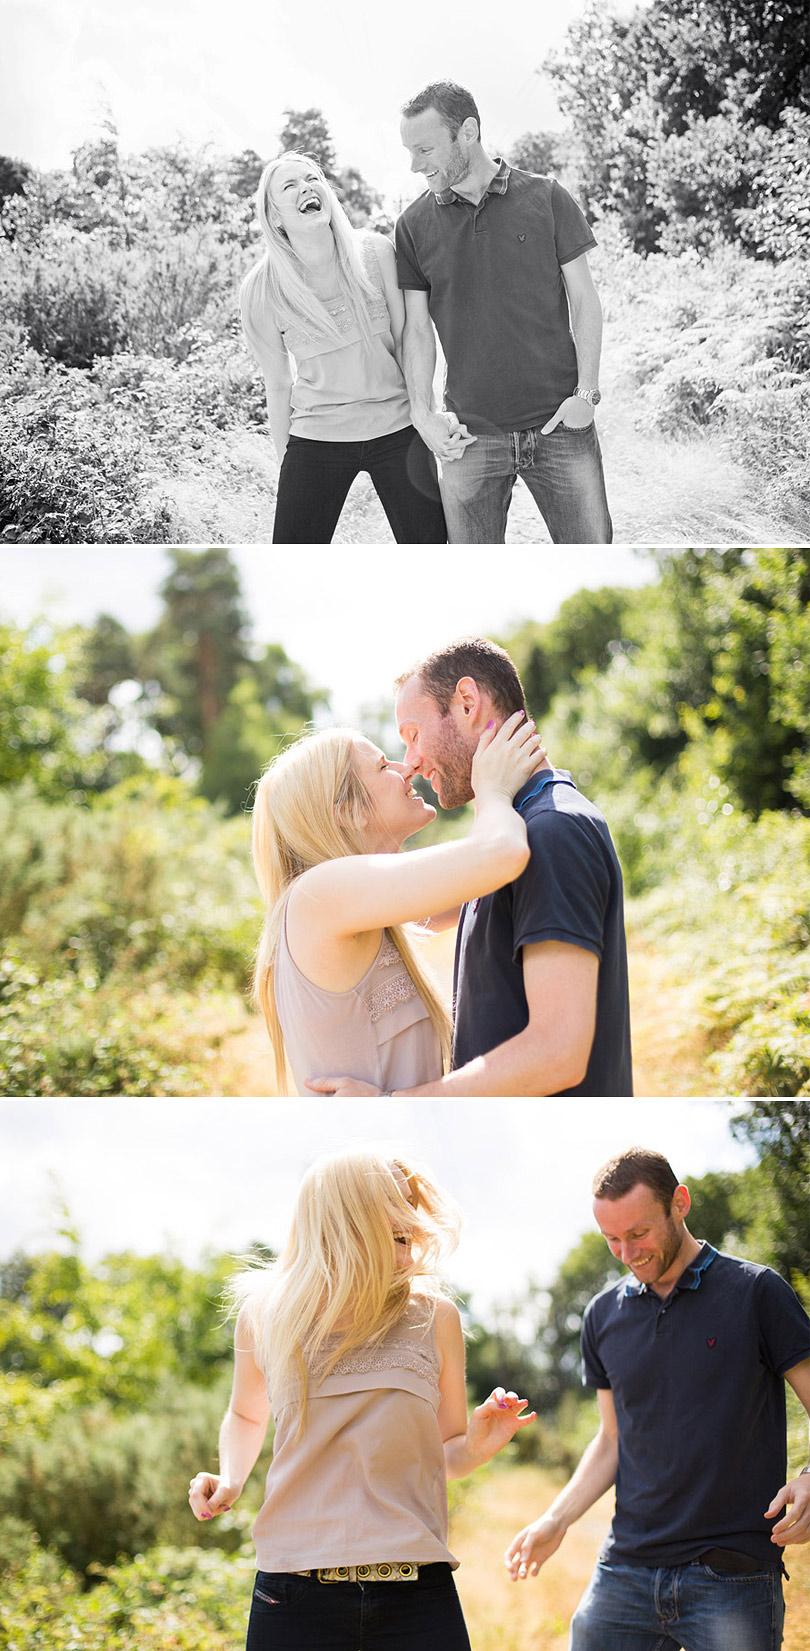 Vicki-&-James-Beloved-2.jpg